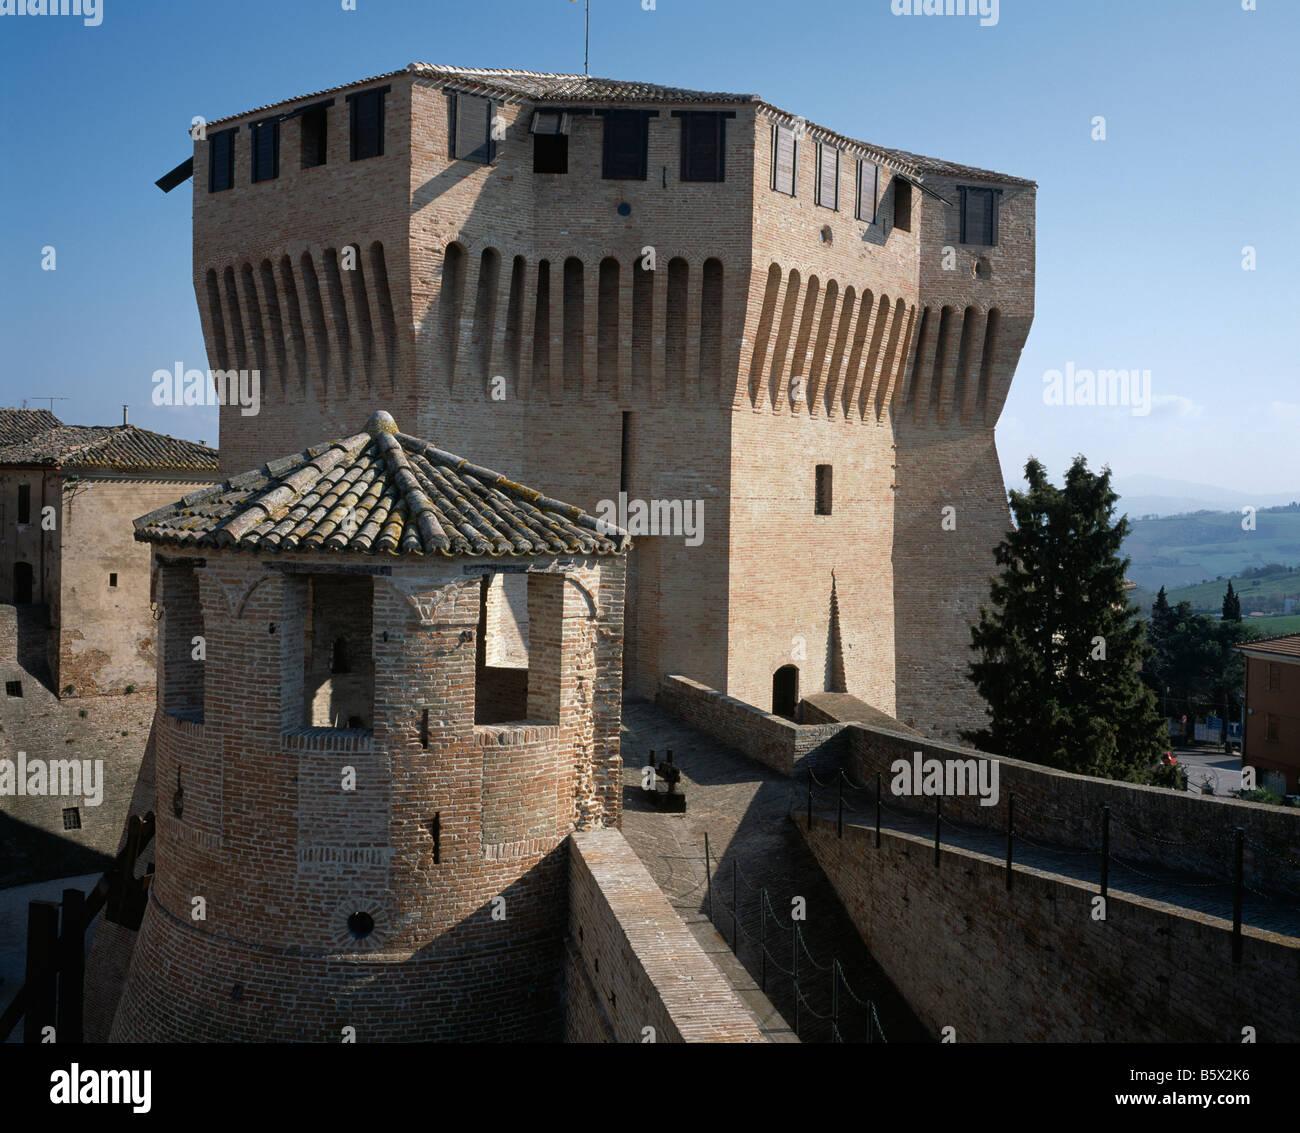 Italy: Marche: Mondavio: The Rocca - Stock Image